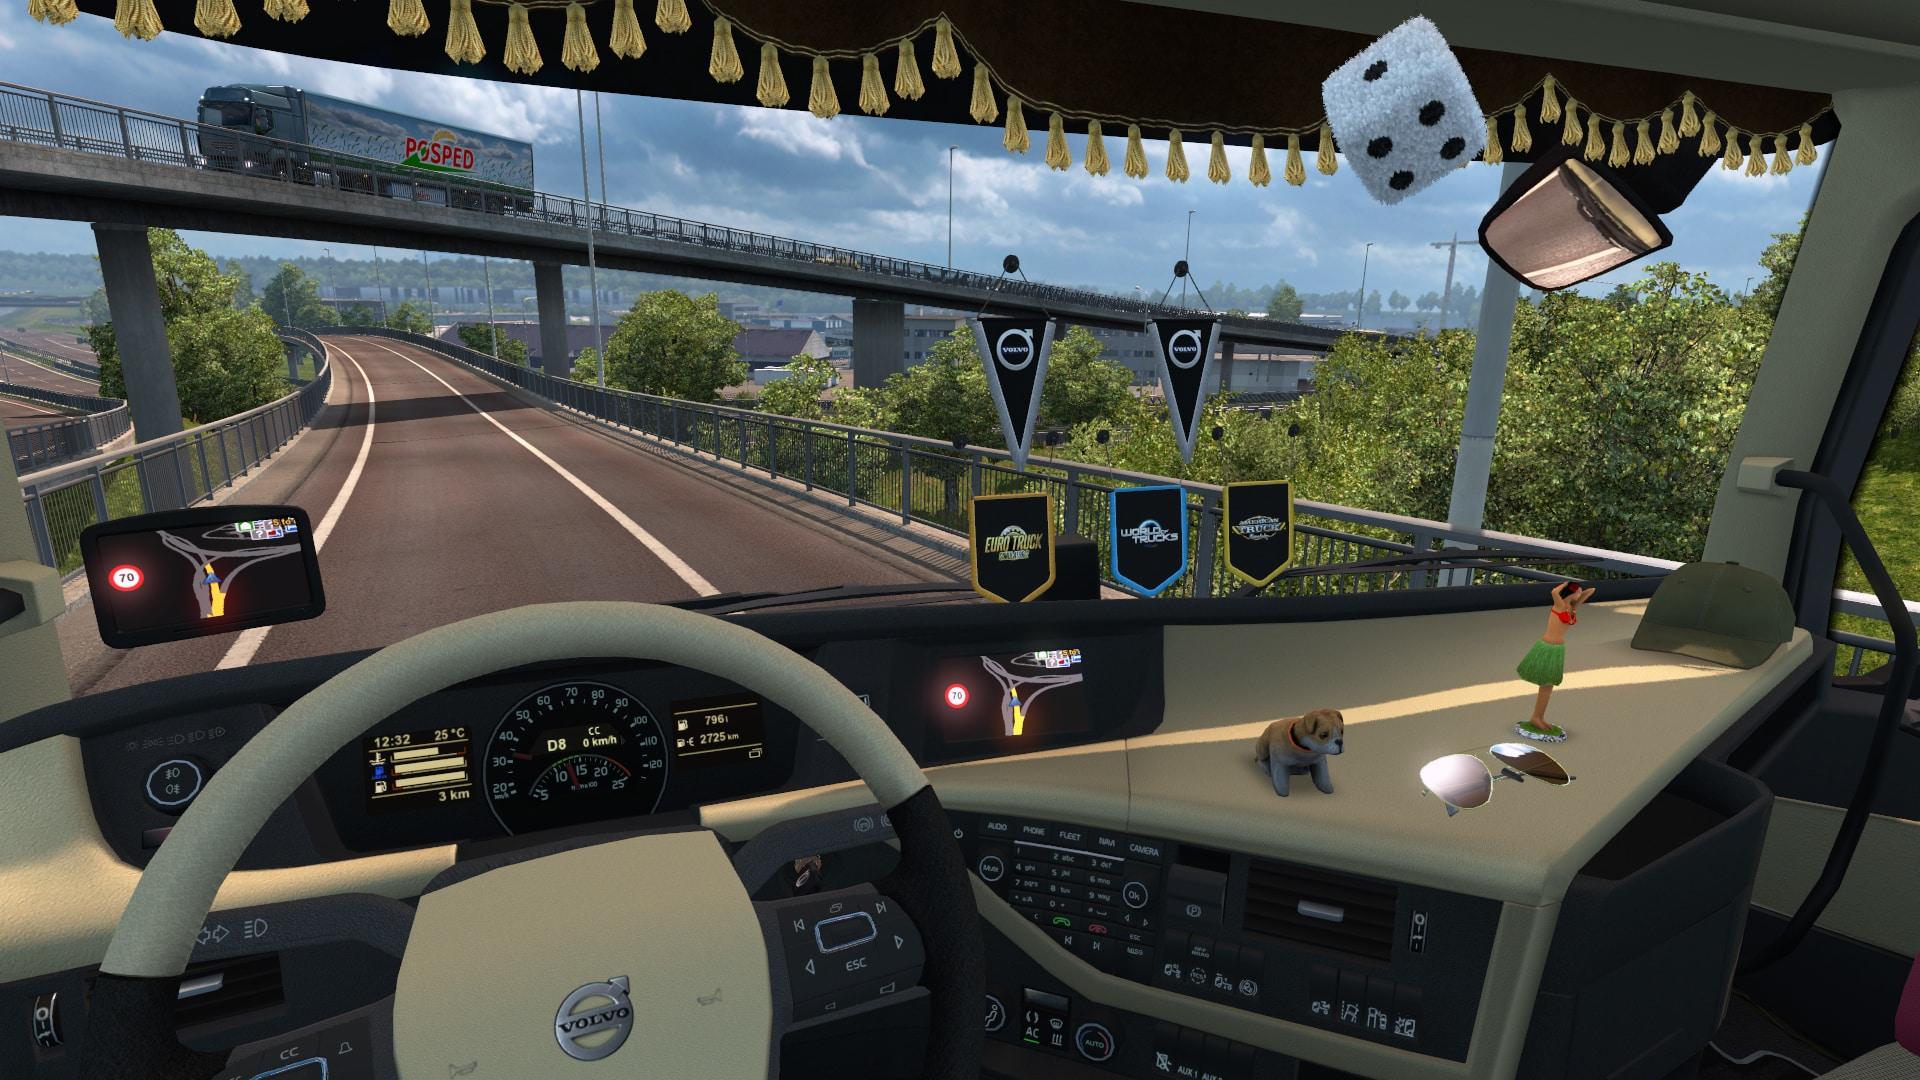 7 أسباب تدفعك لتنزيل لعبة Euro Truck Simulator 2 الآن